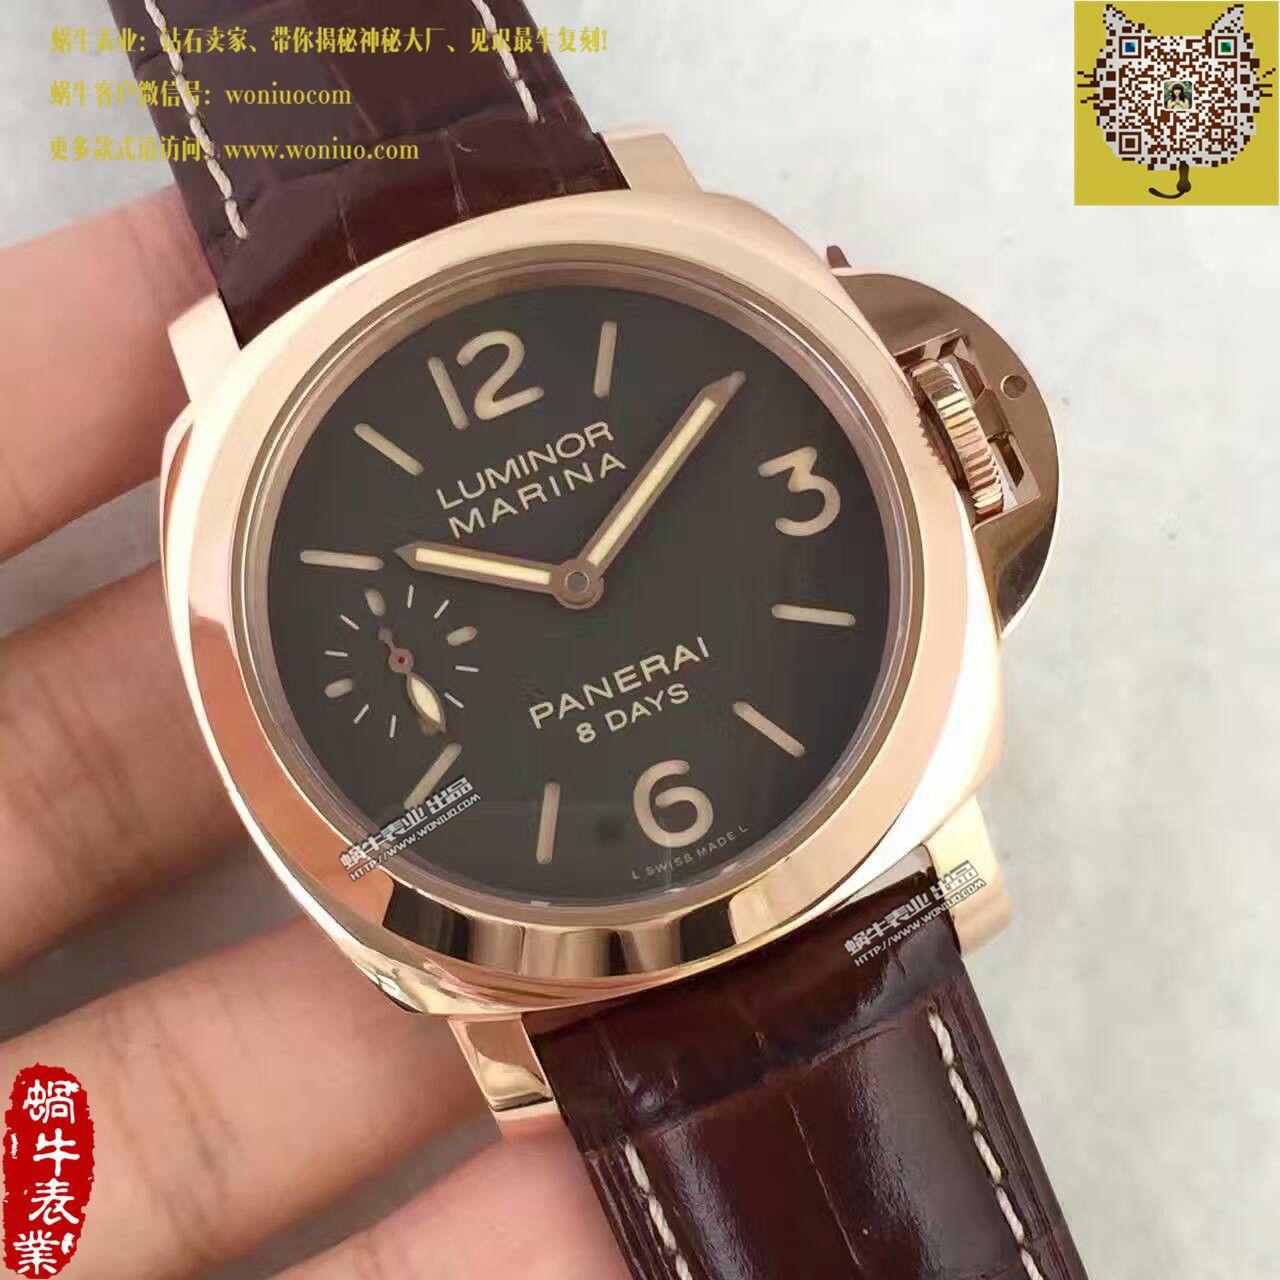 【KW厂1比1超A复刻手表】沛纳海LUMINOR系列PAM00511腕表 / PA013